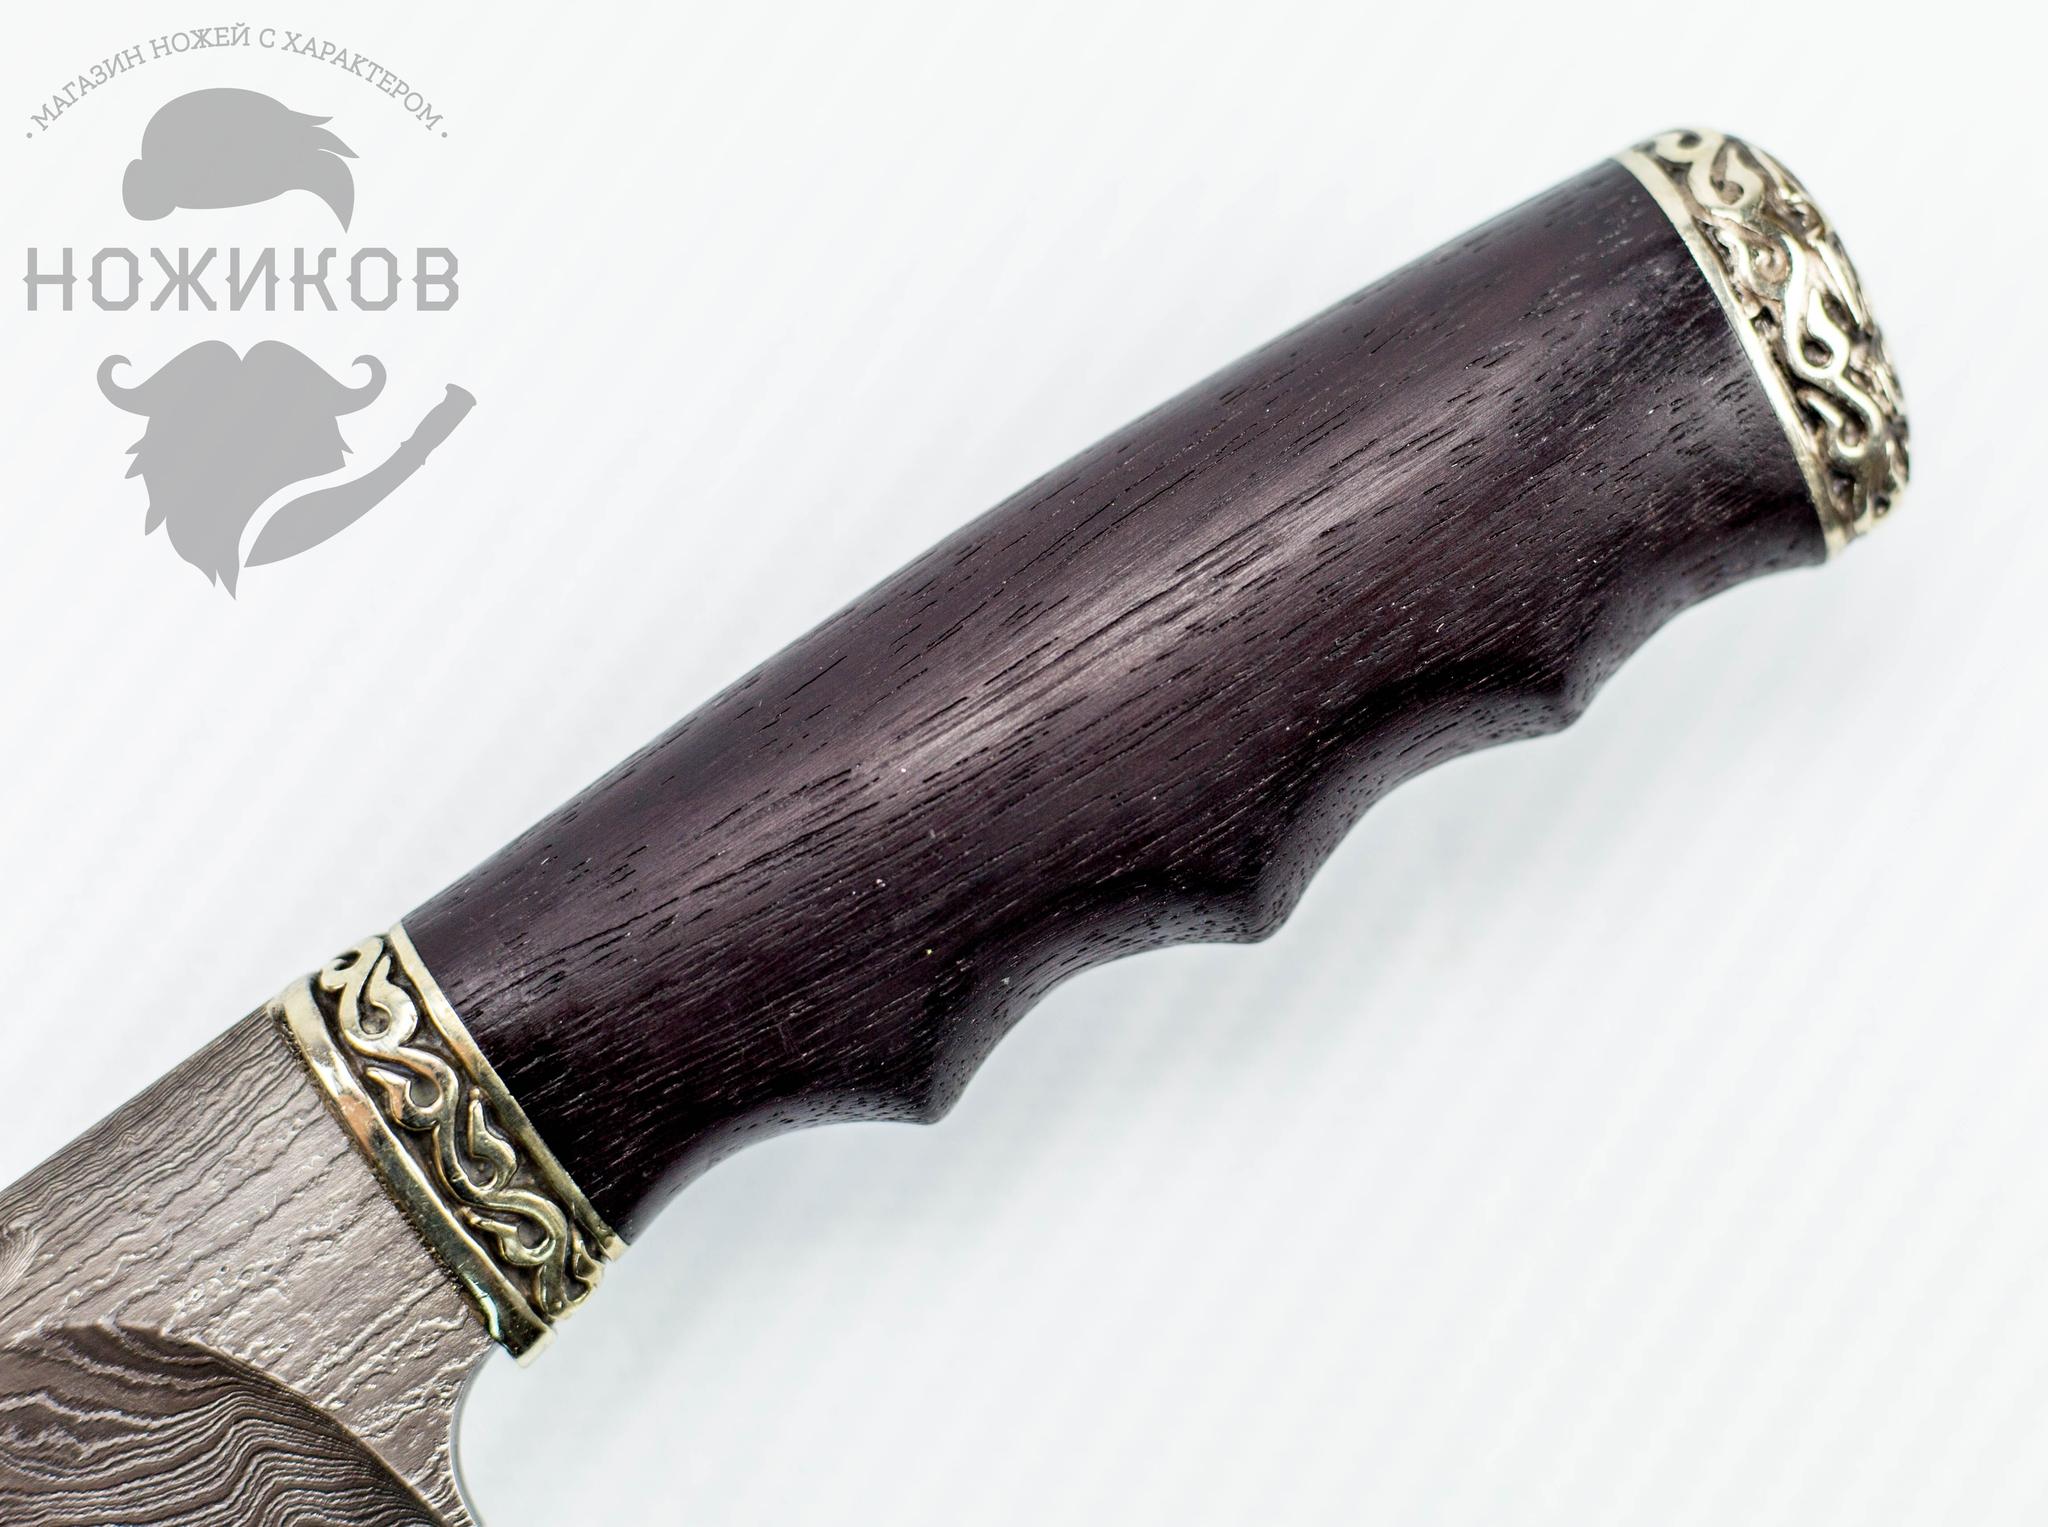 Фото 3 - Авторский Нож из Дамаска №74, Кизляр